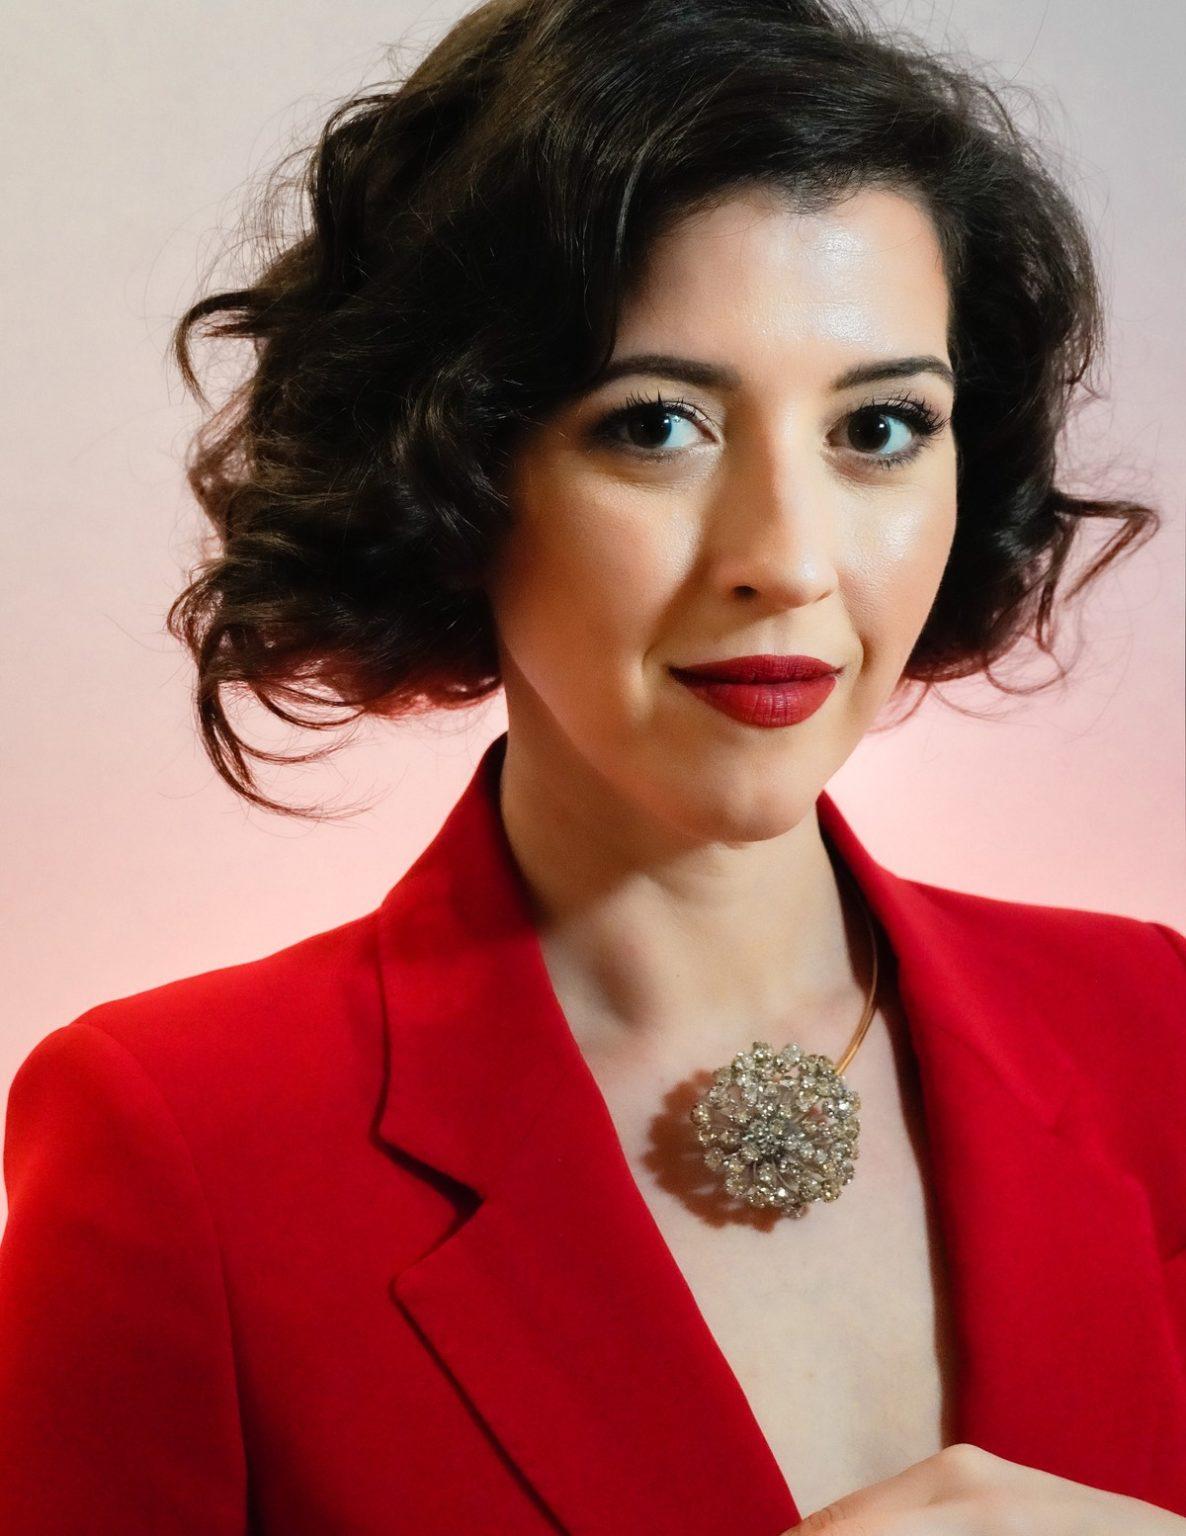 Lisette Oropesas betörend schönes Debütalbum